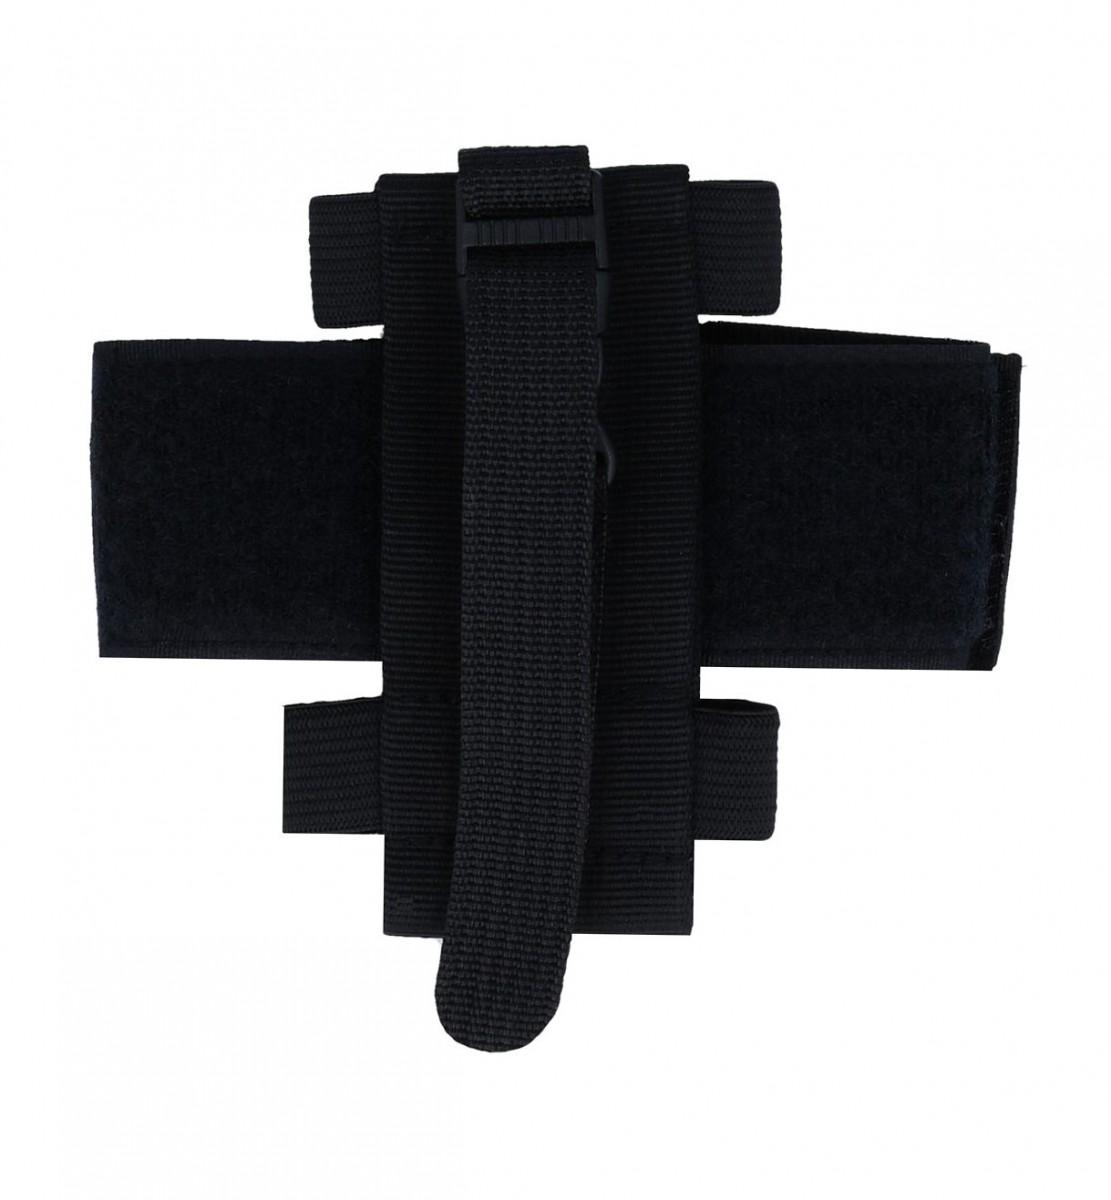 Univerzální sportovní pouzdro TopQ na ruku Basic černé 56567 (sportovní obal)